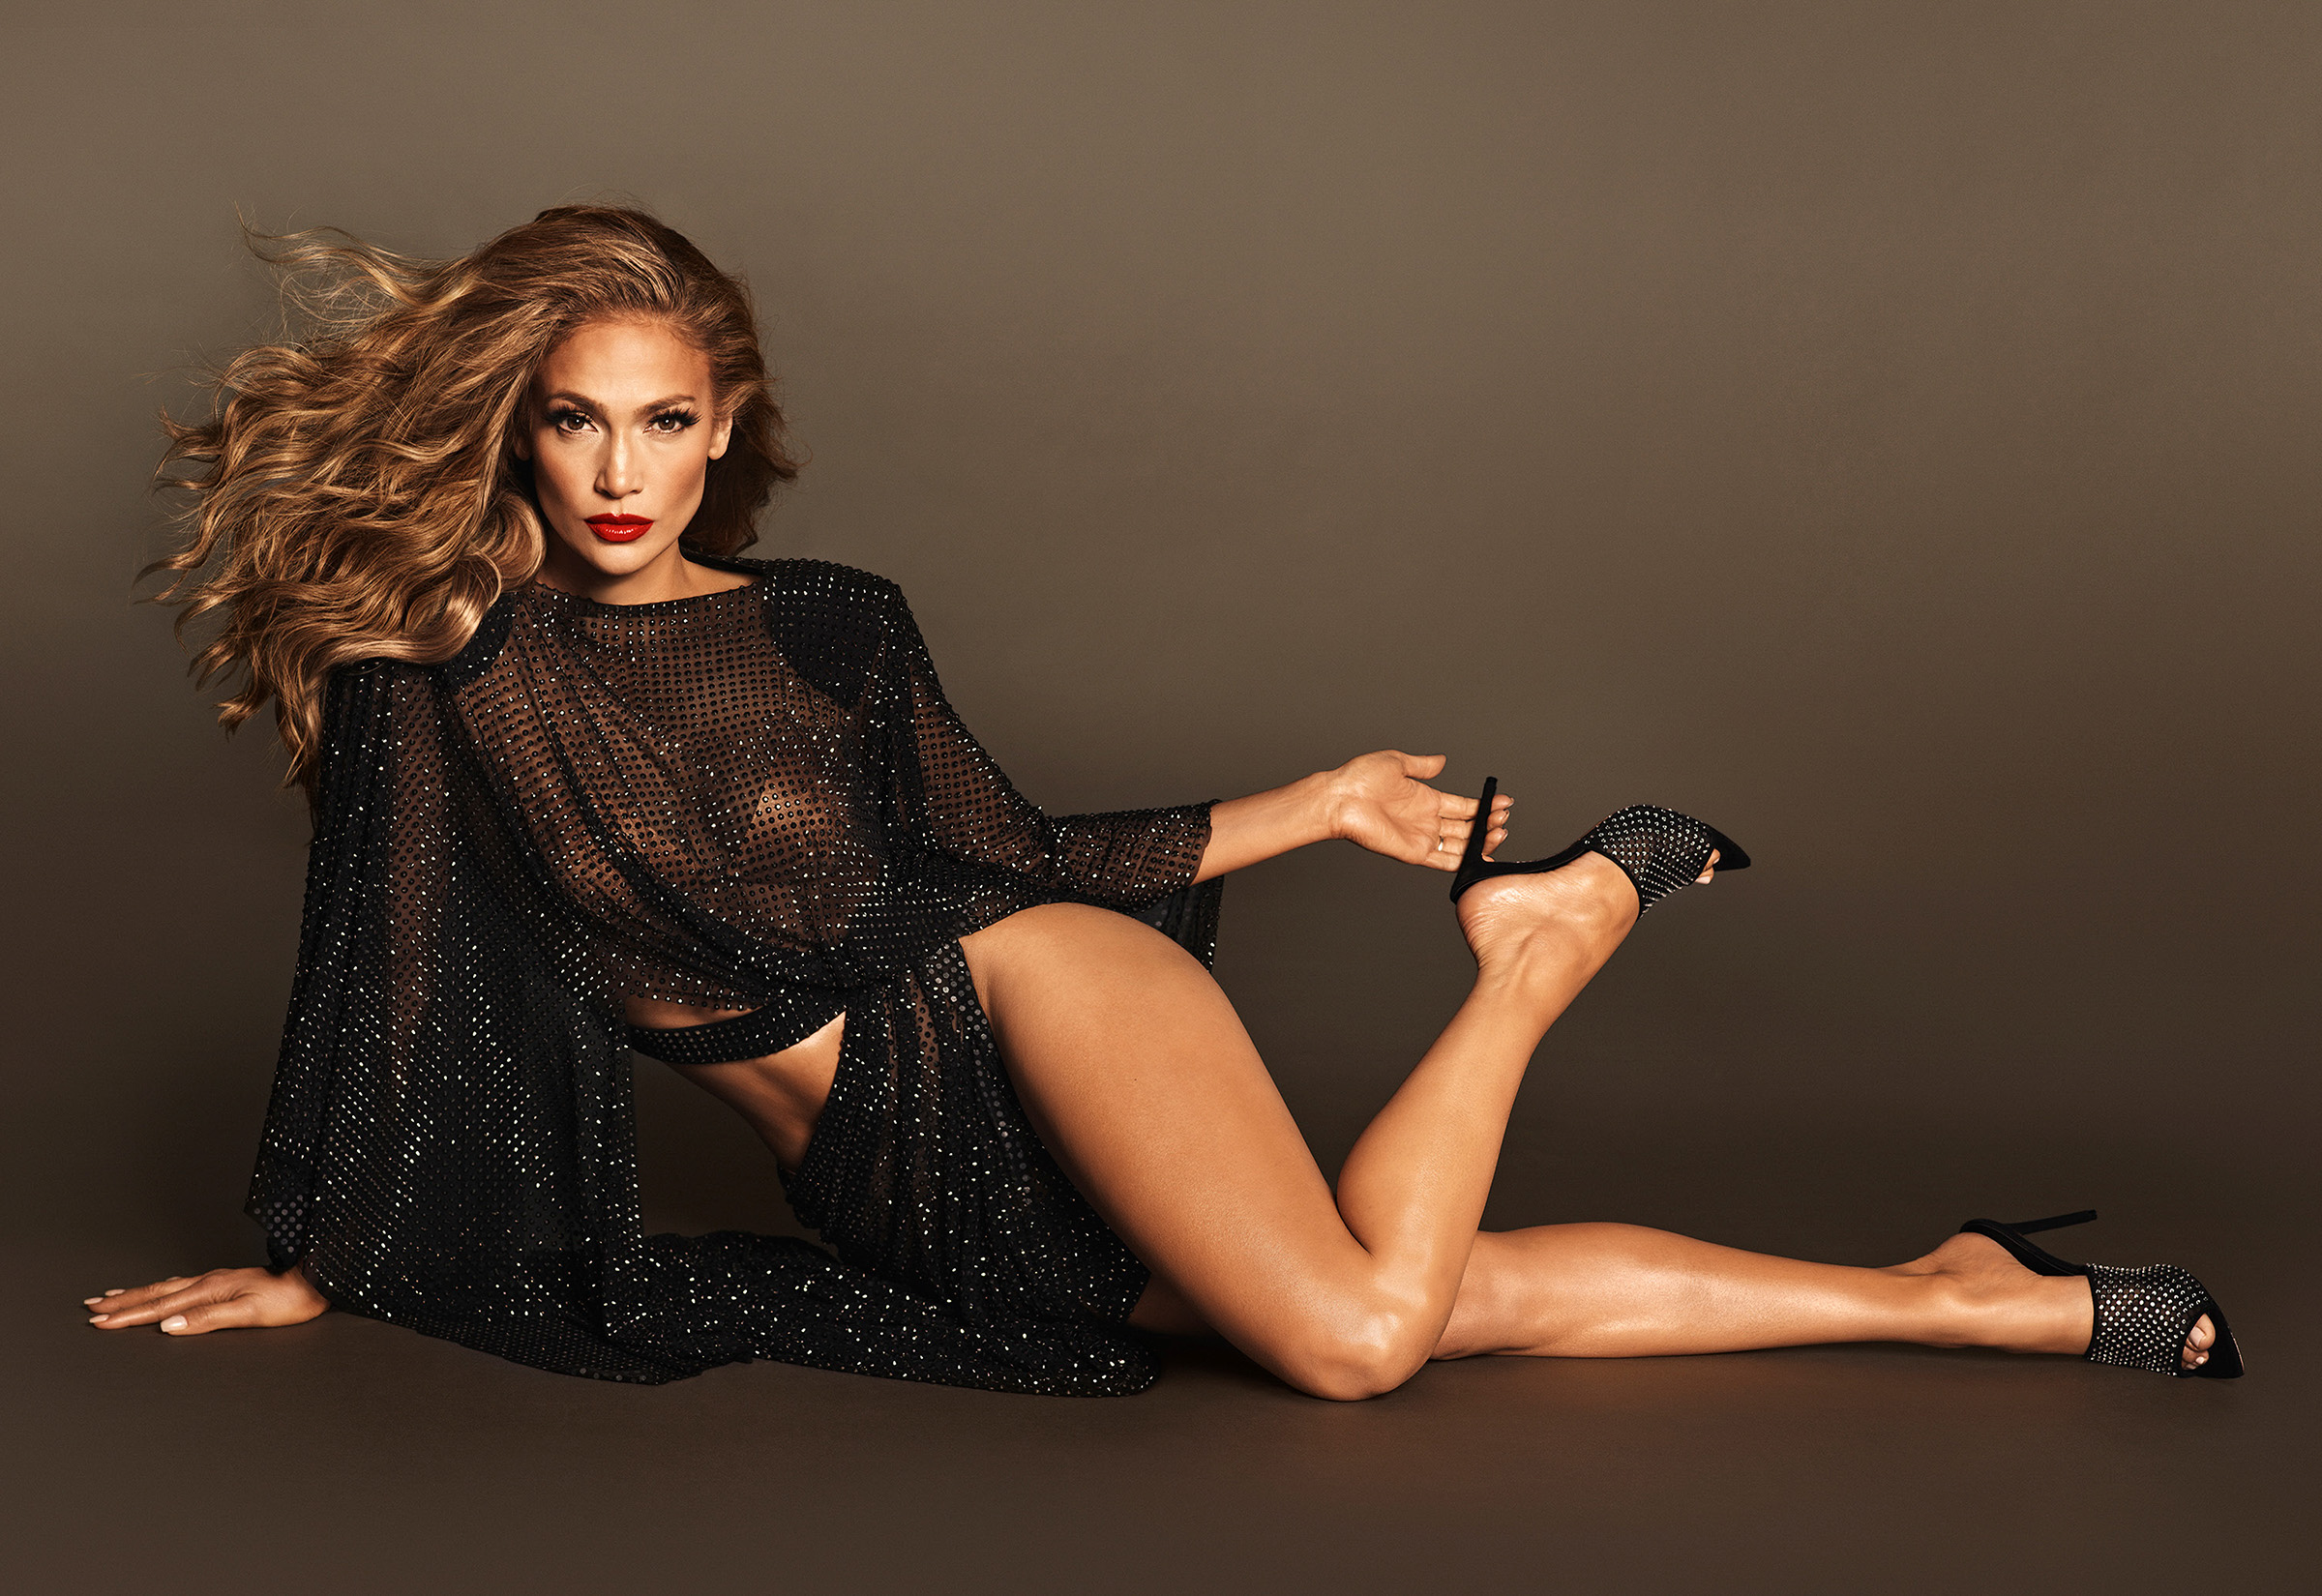 Jennifer Lopez featured in JLO Jennifer Lopez campaign.